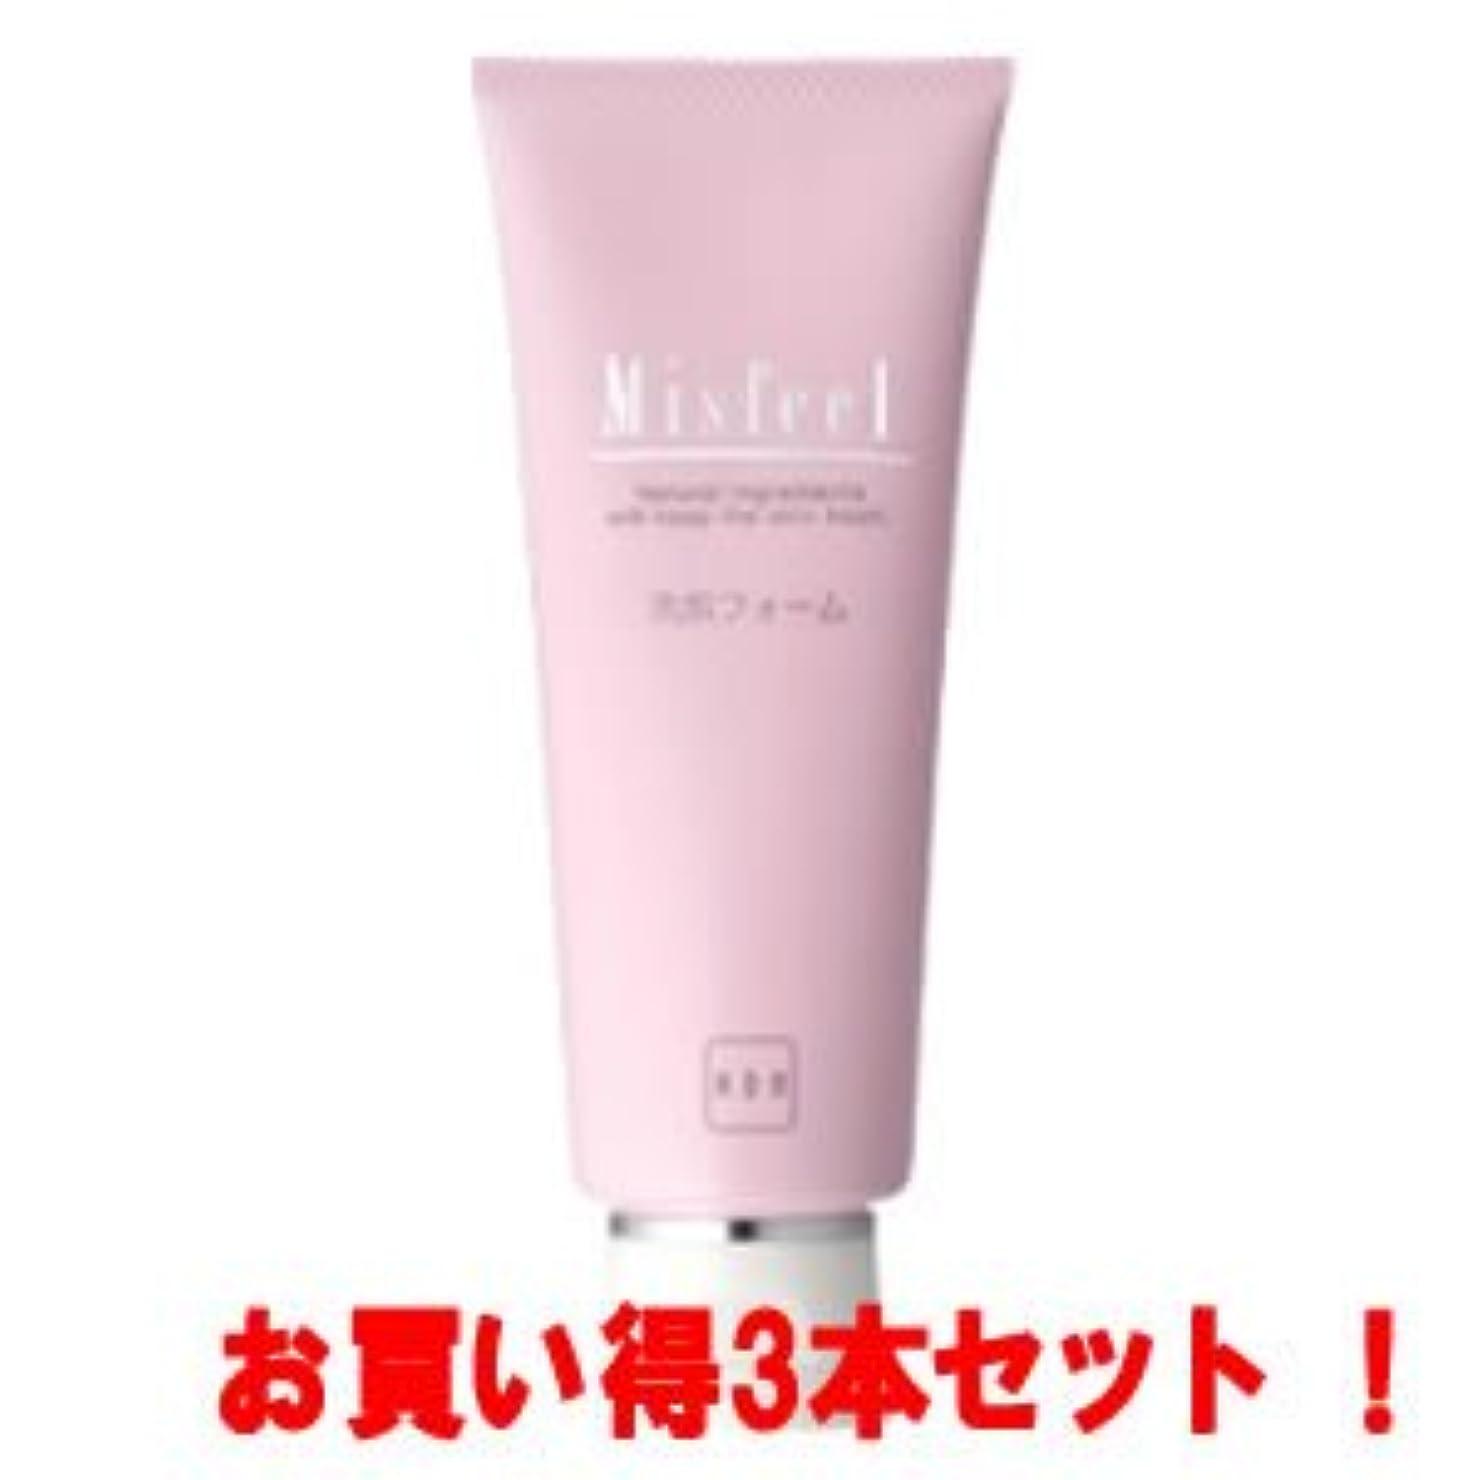 時コースそれから(アサバ化粧品)ミズフィール 洗顔フォーム100g(お買い得3本セット)